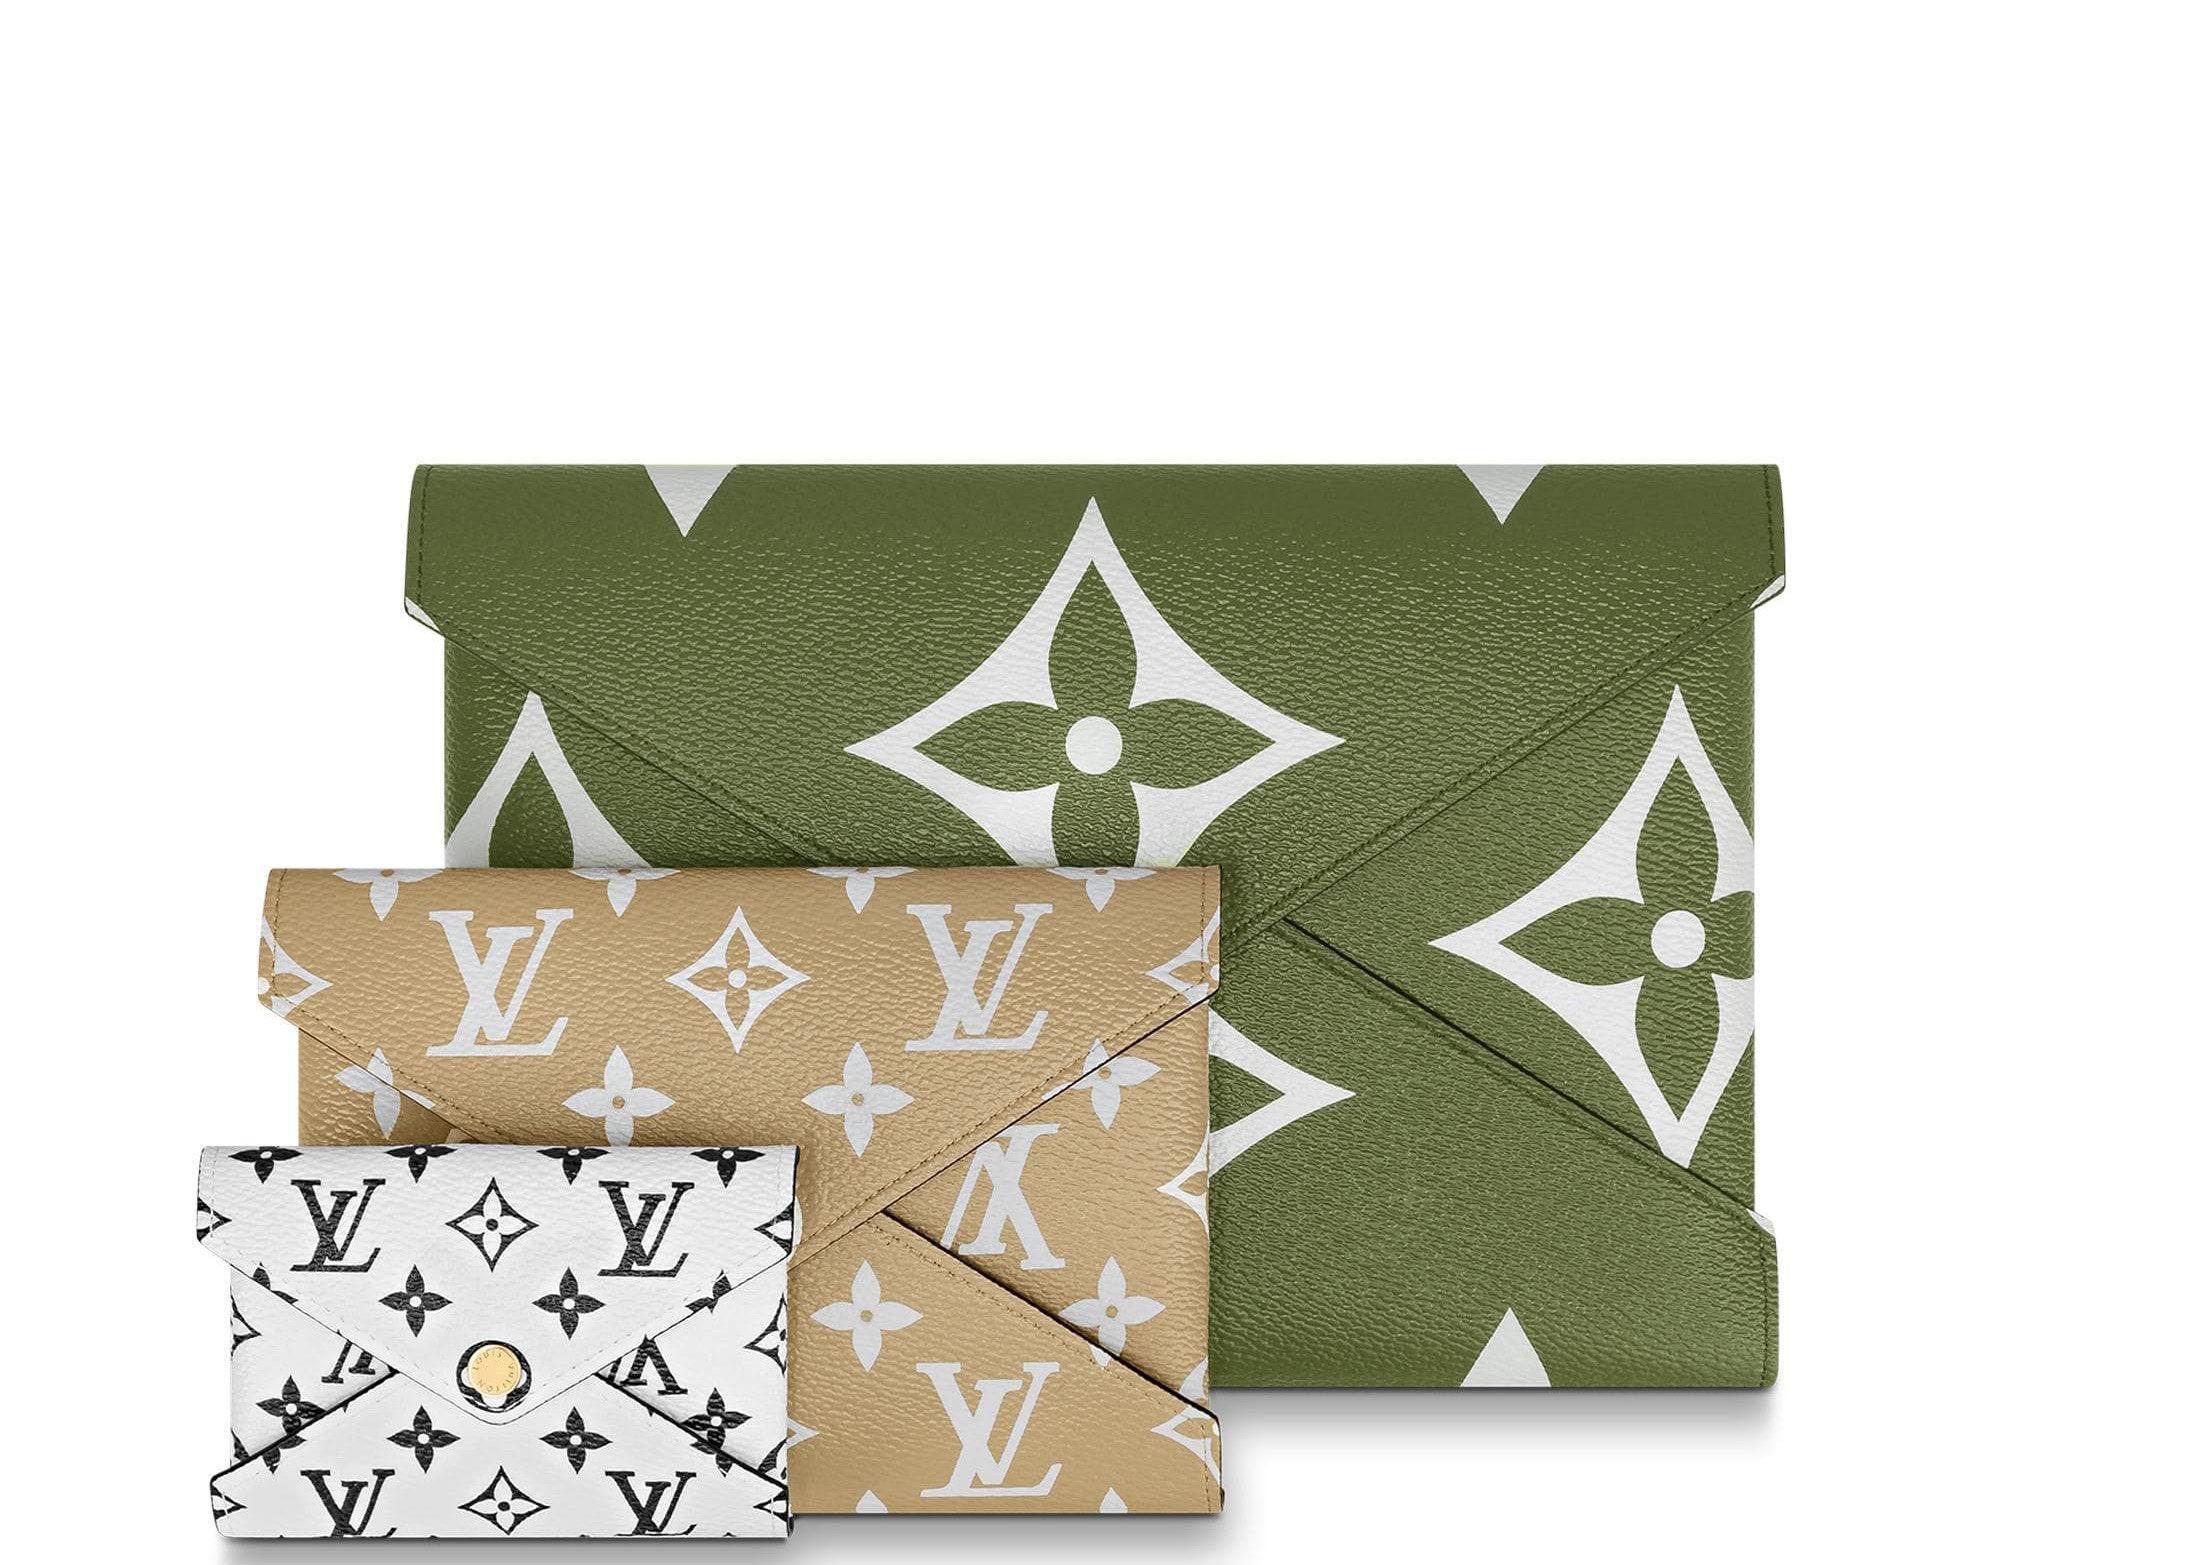 Louis Vuitton Pochette Kirigami Giant Monogram Khaki Green/Beige